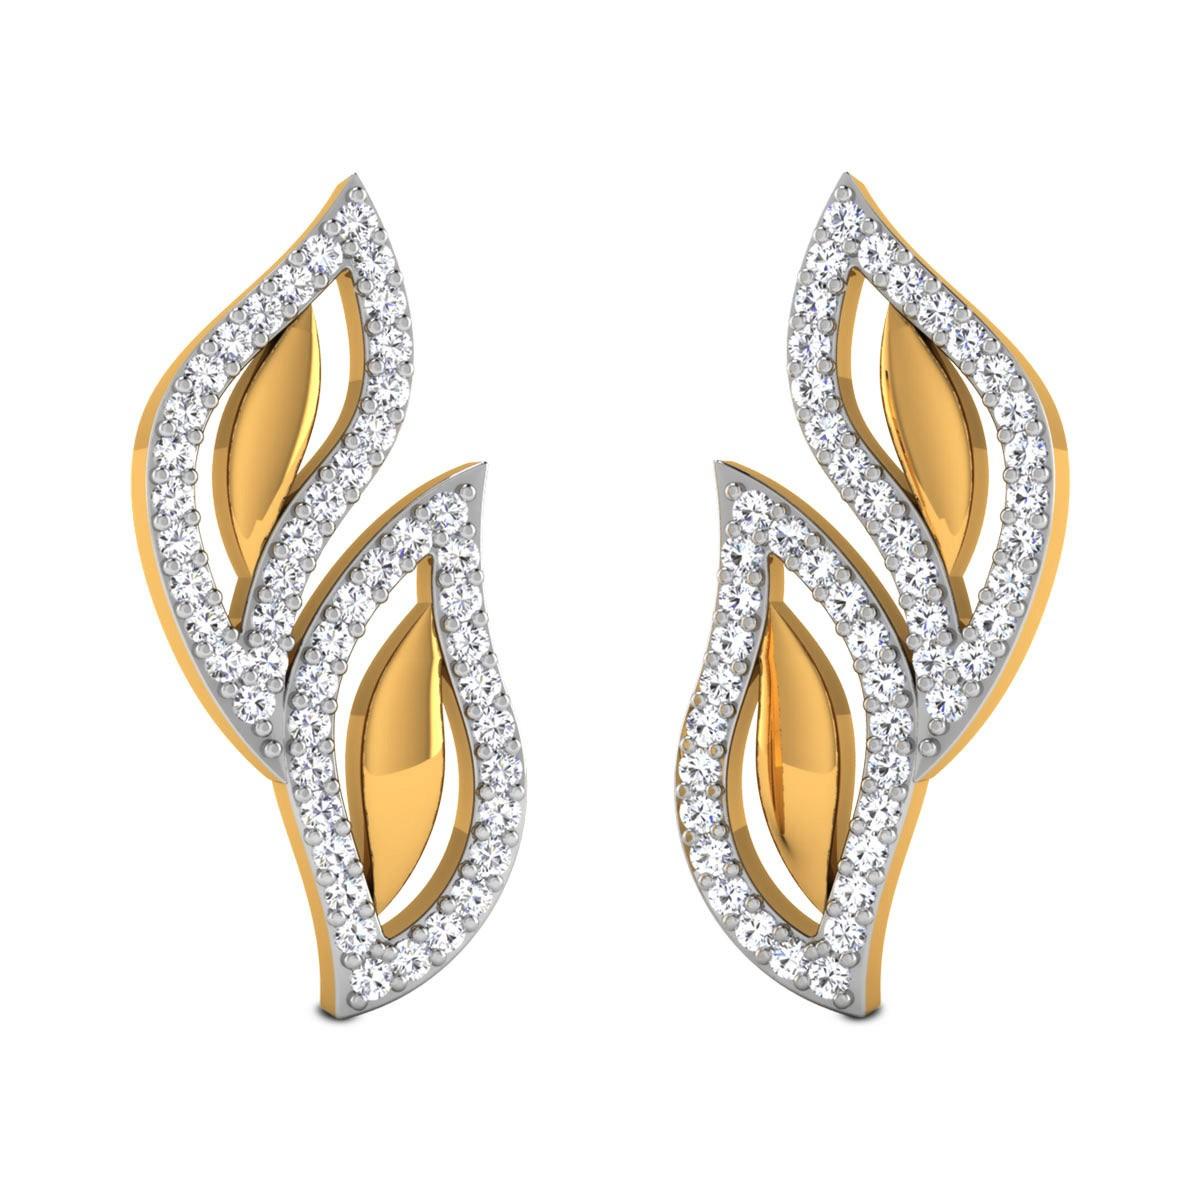 Elili Diamond Stud Earrings